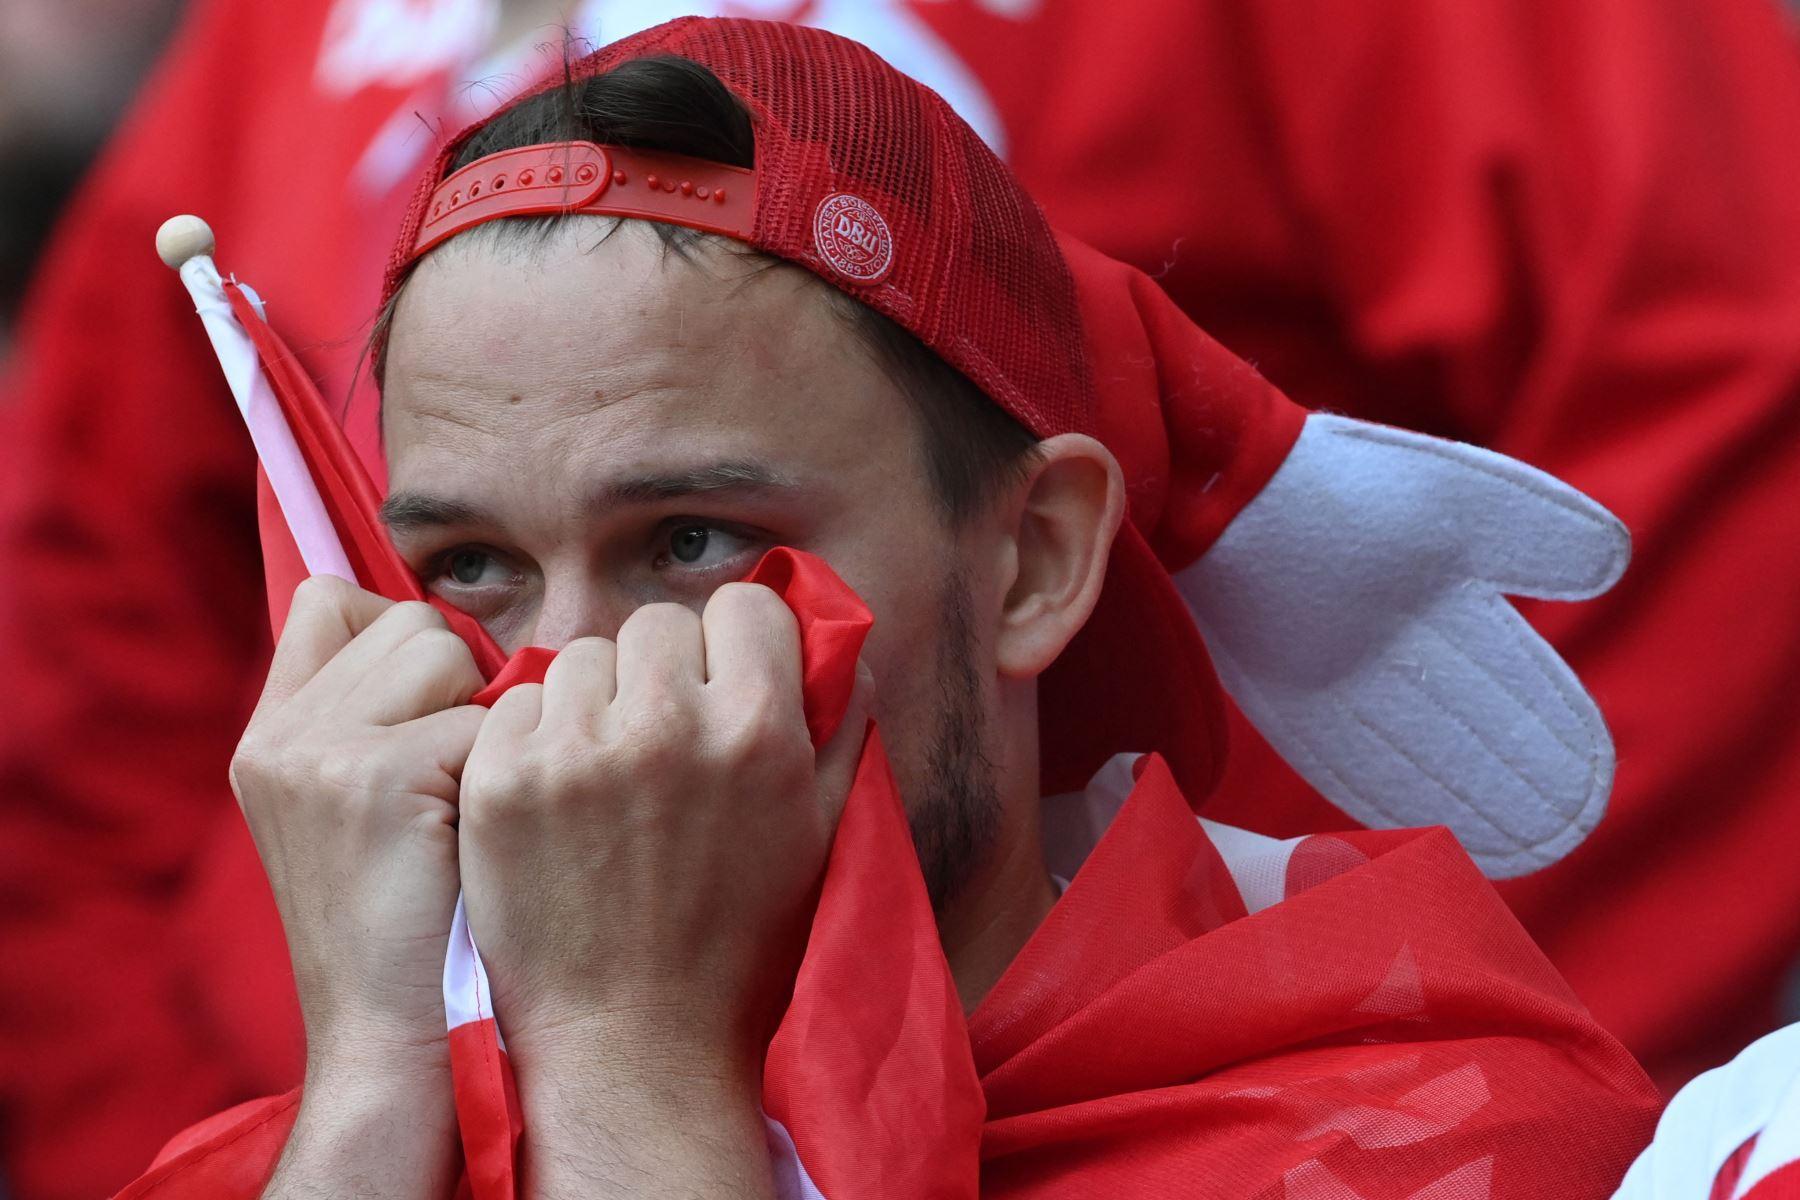 Los aficionados reaccionan entre la multitud después de que el mediocampista danés Christian Eriksen se derrumbara en el campo durante el partido de fútbol del Grupo B de la UEFA EURO 2020 entre Dinamarca y Finlandia. Foto: AFP